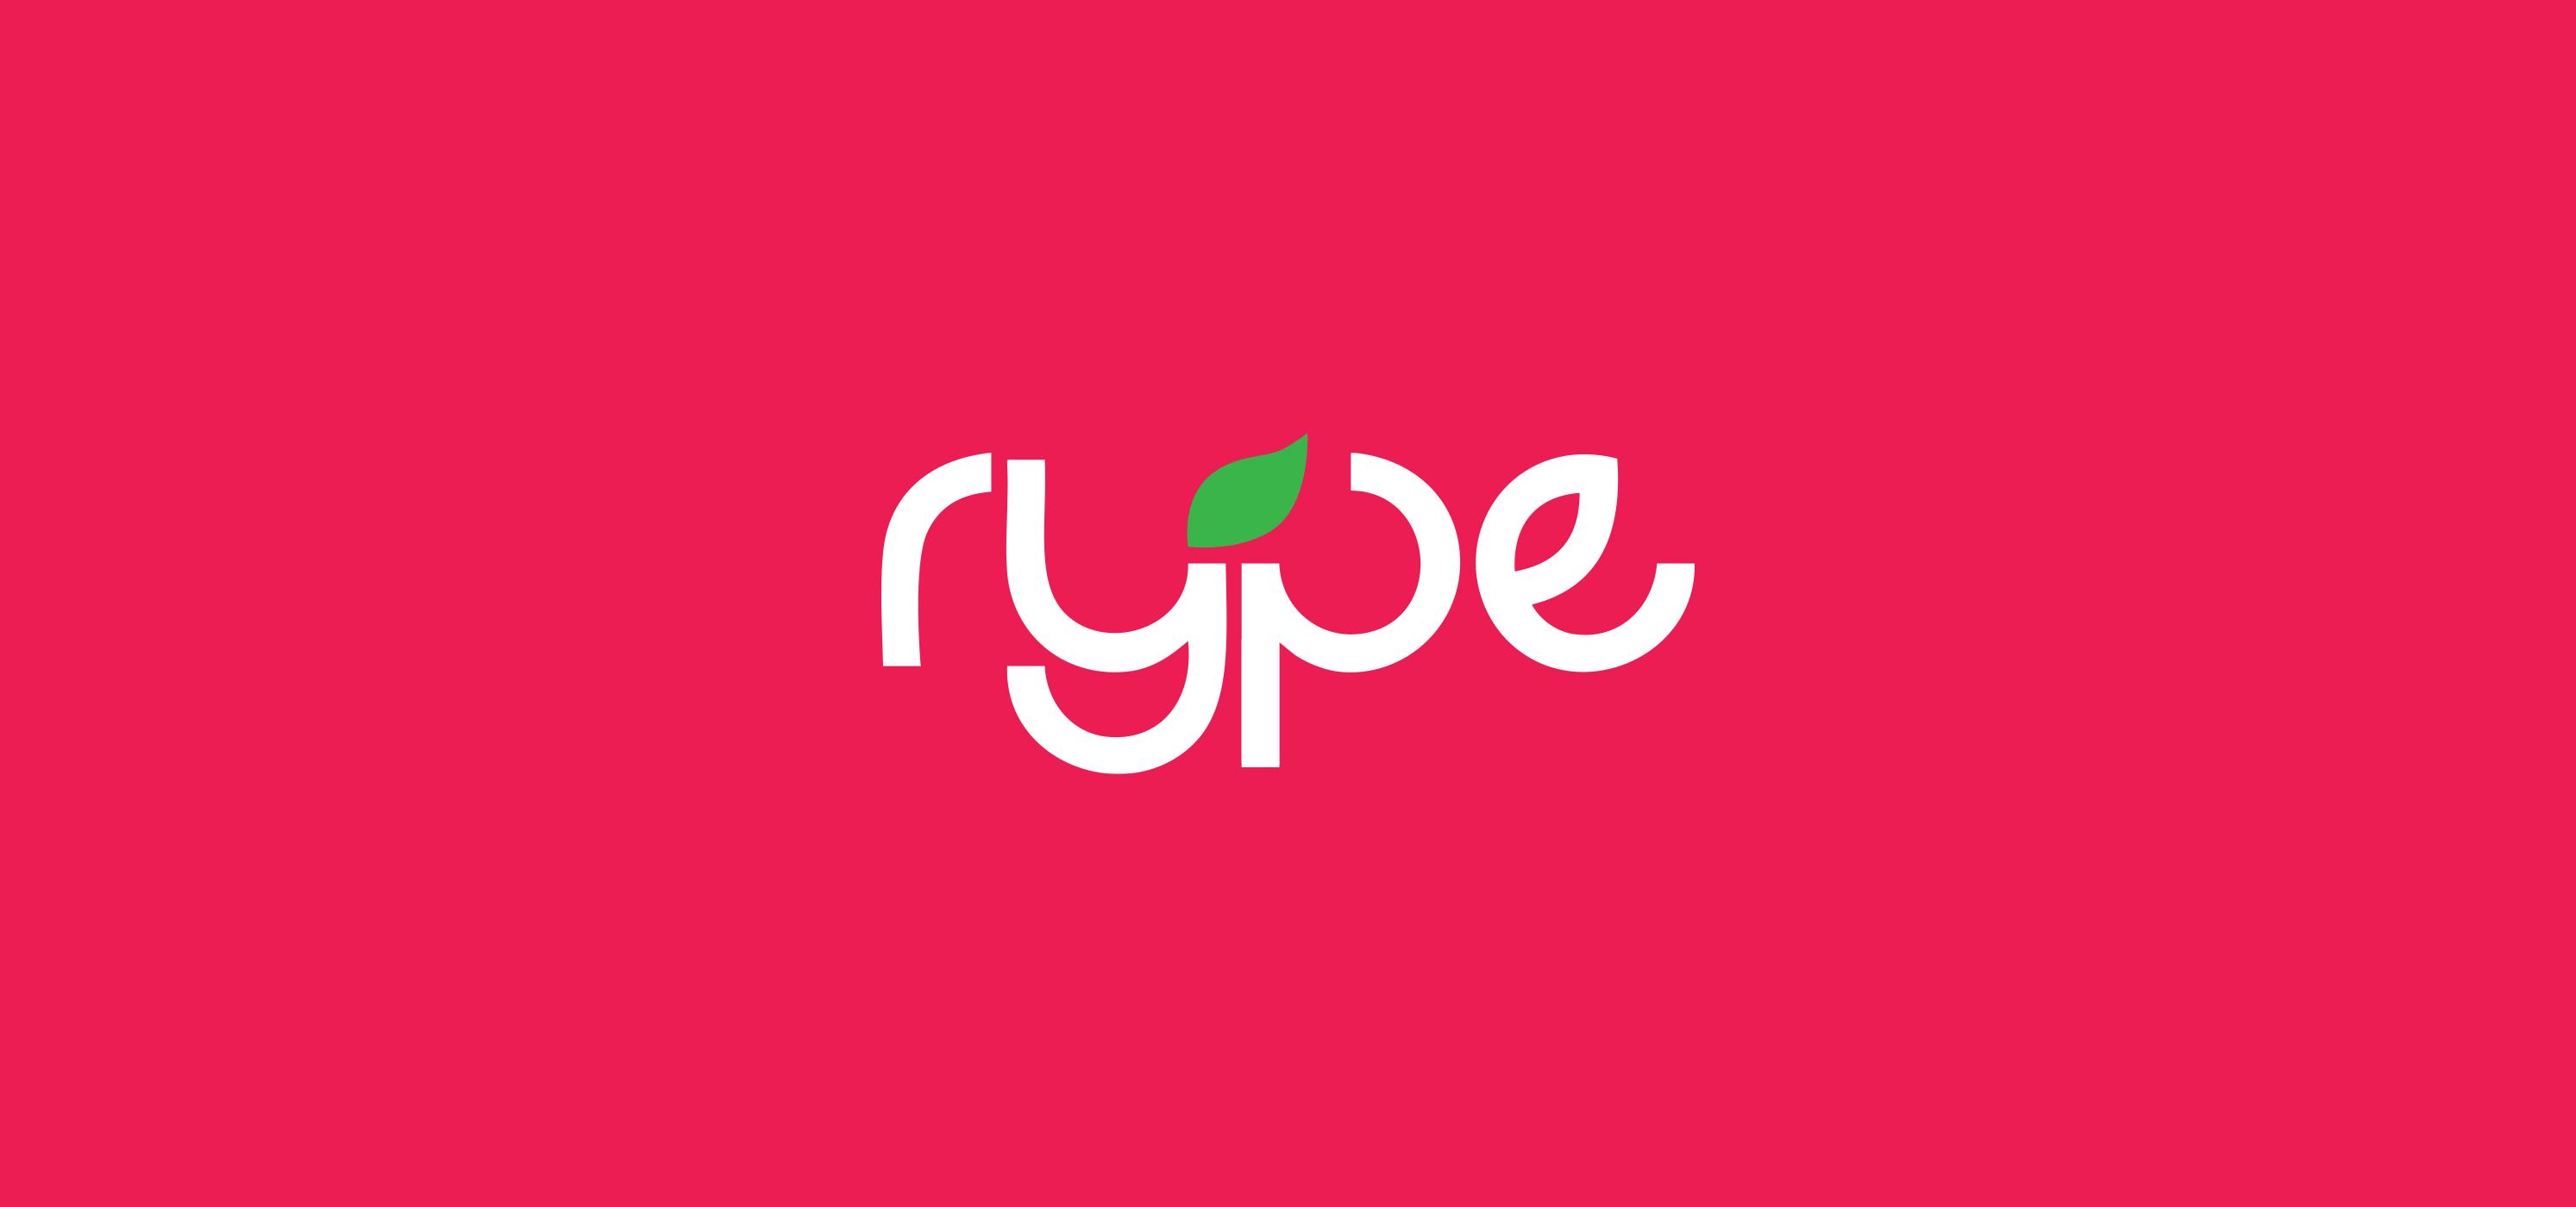 logos__0007_rype